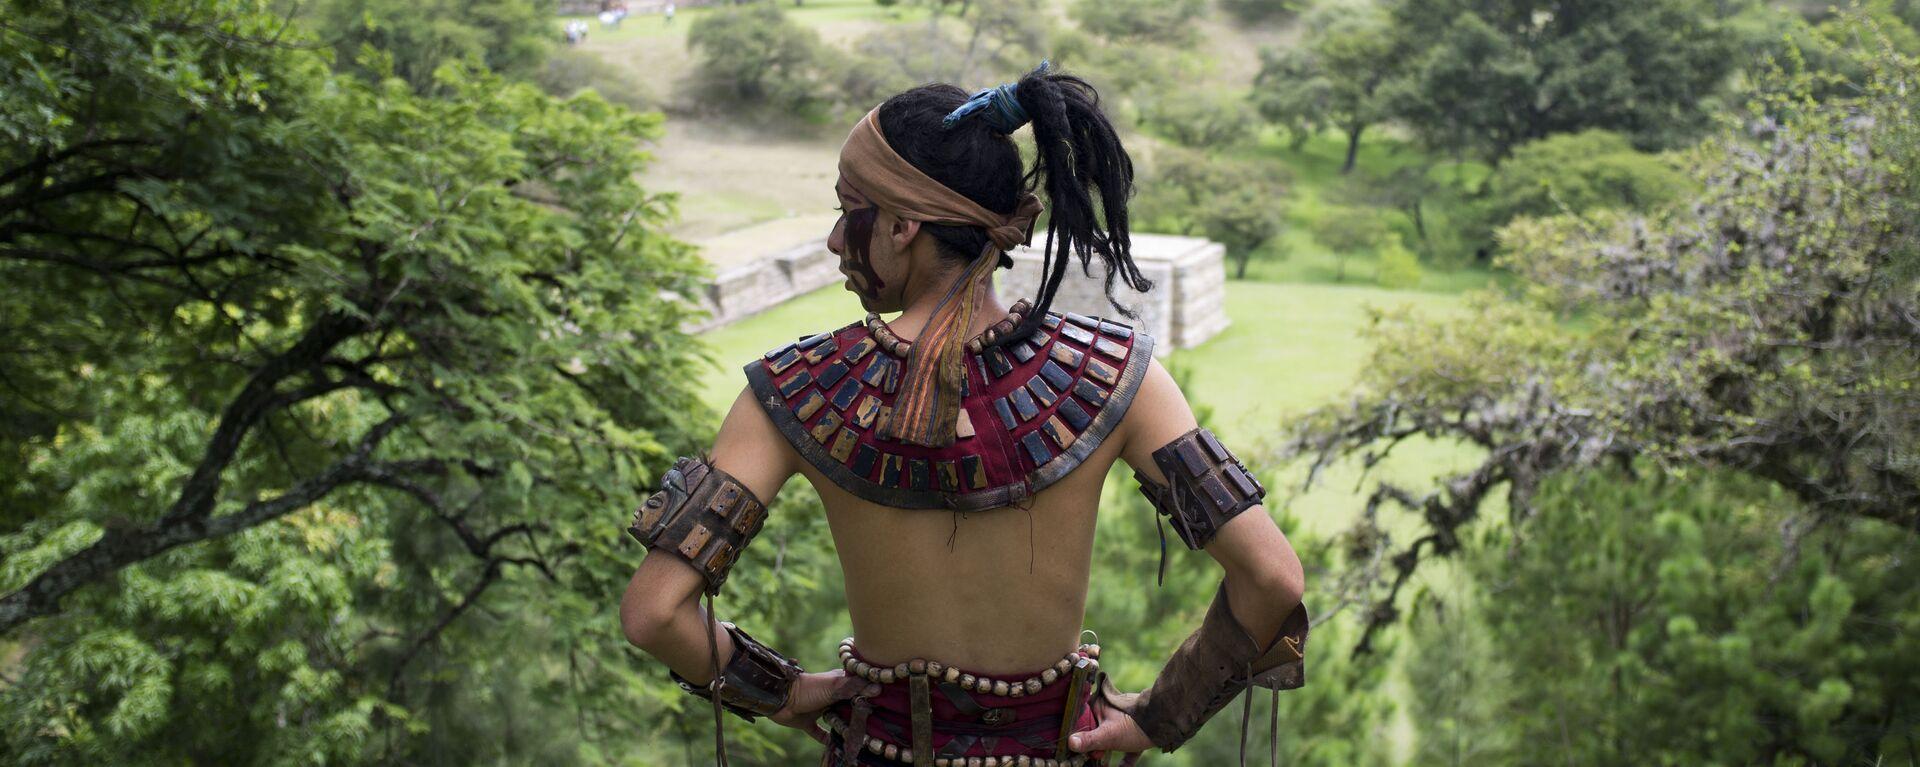 Un hombre ataviado con la vestimenta tradicional maya - Sputnik Mundo, 1920, 18.01.2021